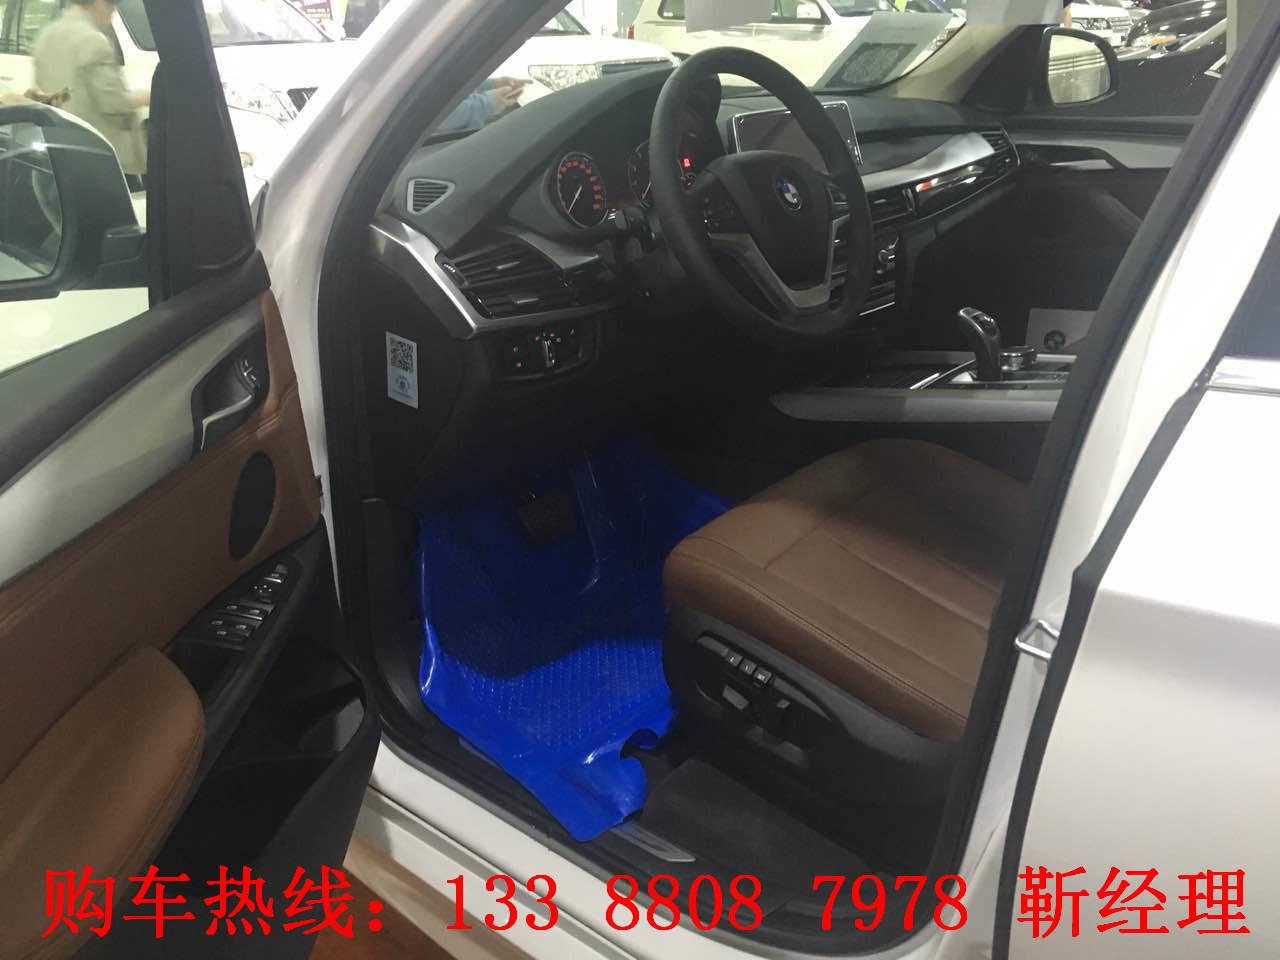 17款宝马X5价格 宝马X5公路SUV回头率高 -宝马X5高清图片